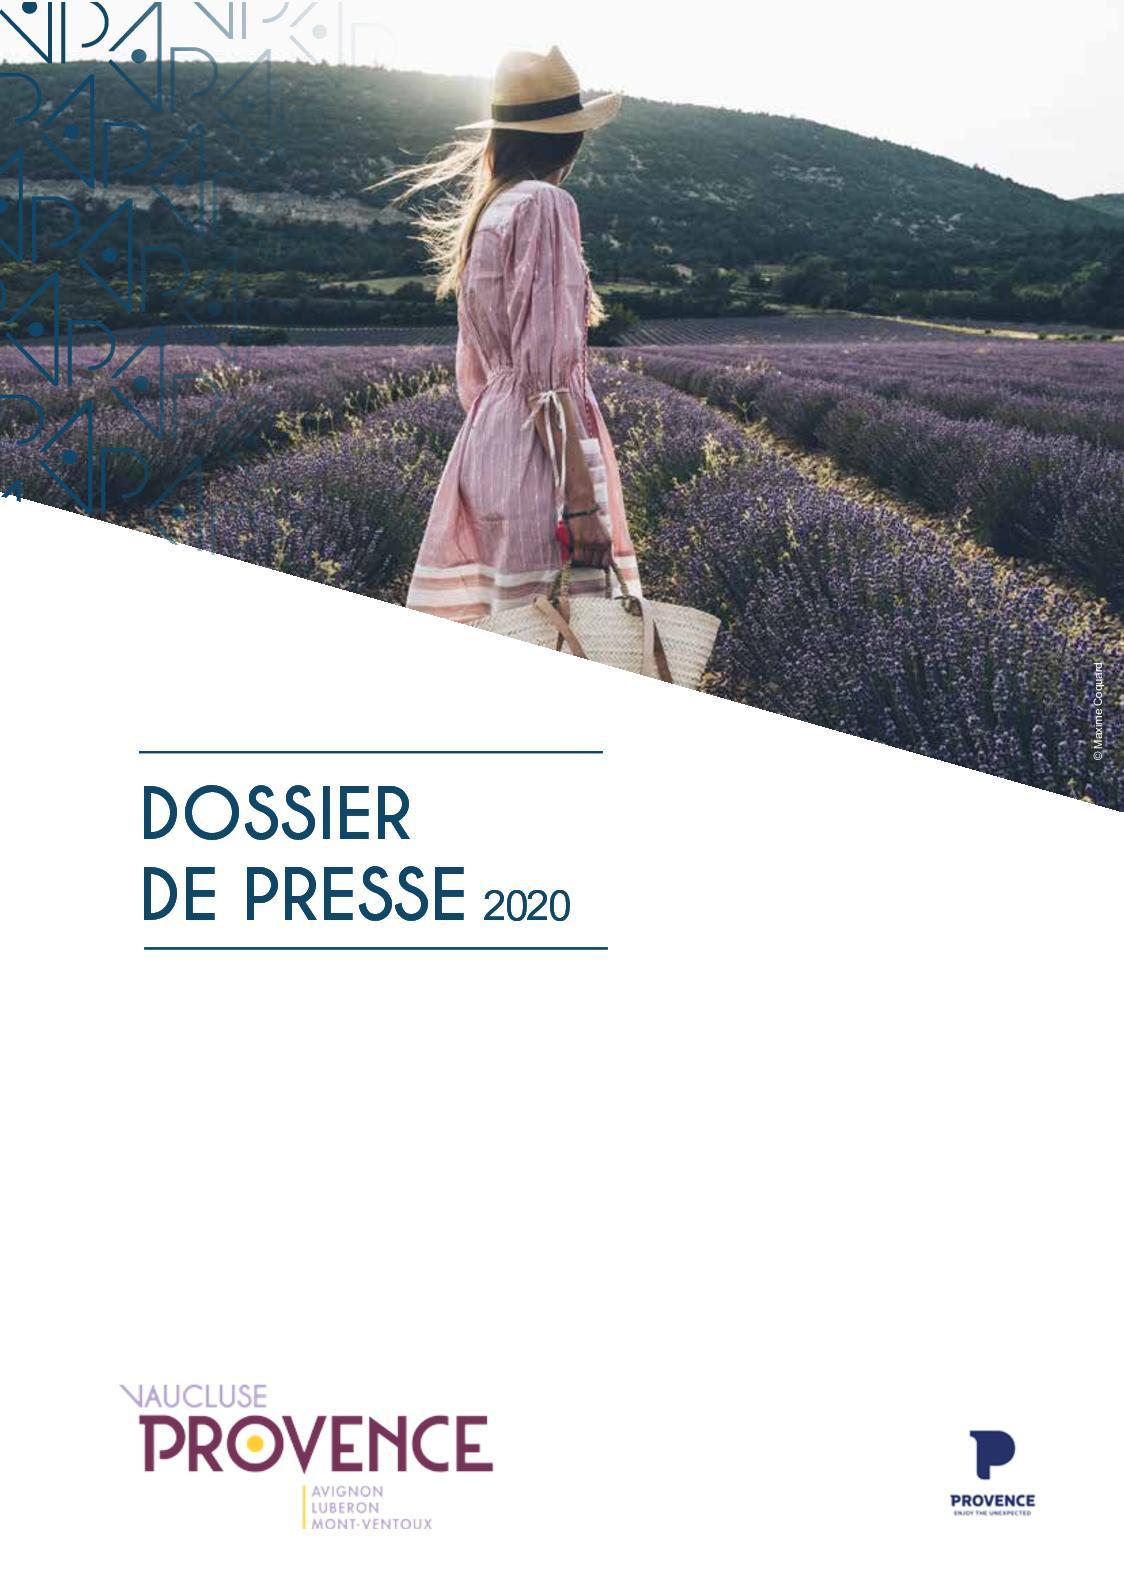 Calaméo - Dossier De Presse - 2020 encequiconcerne Piscine Stuart Mill Avignon